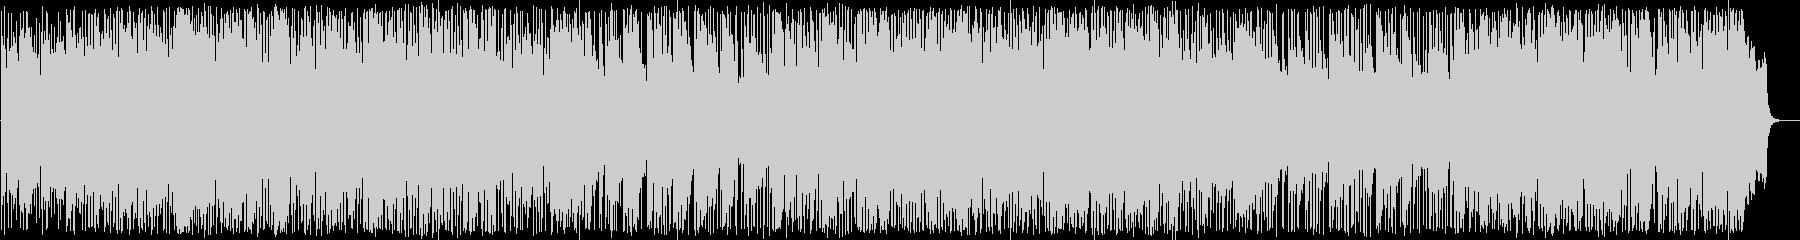 明るいフュージョン風のインスト曲の未再生の波形